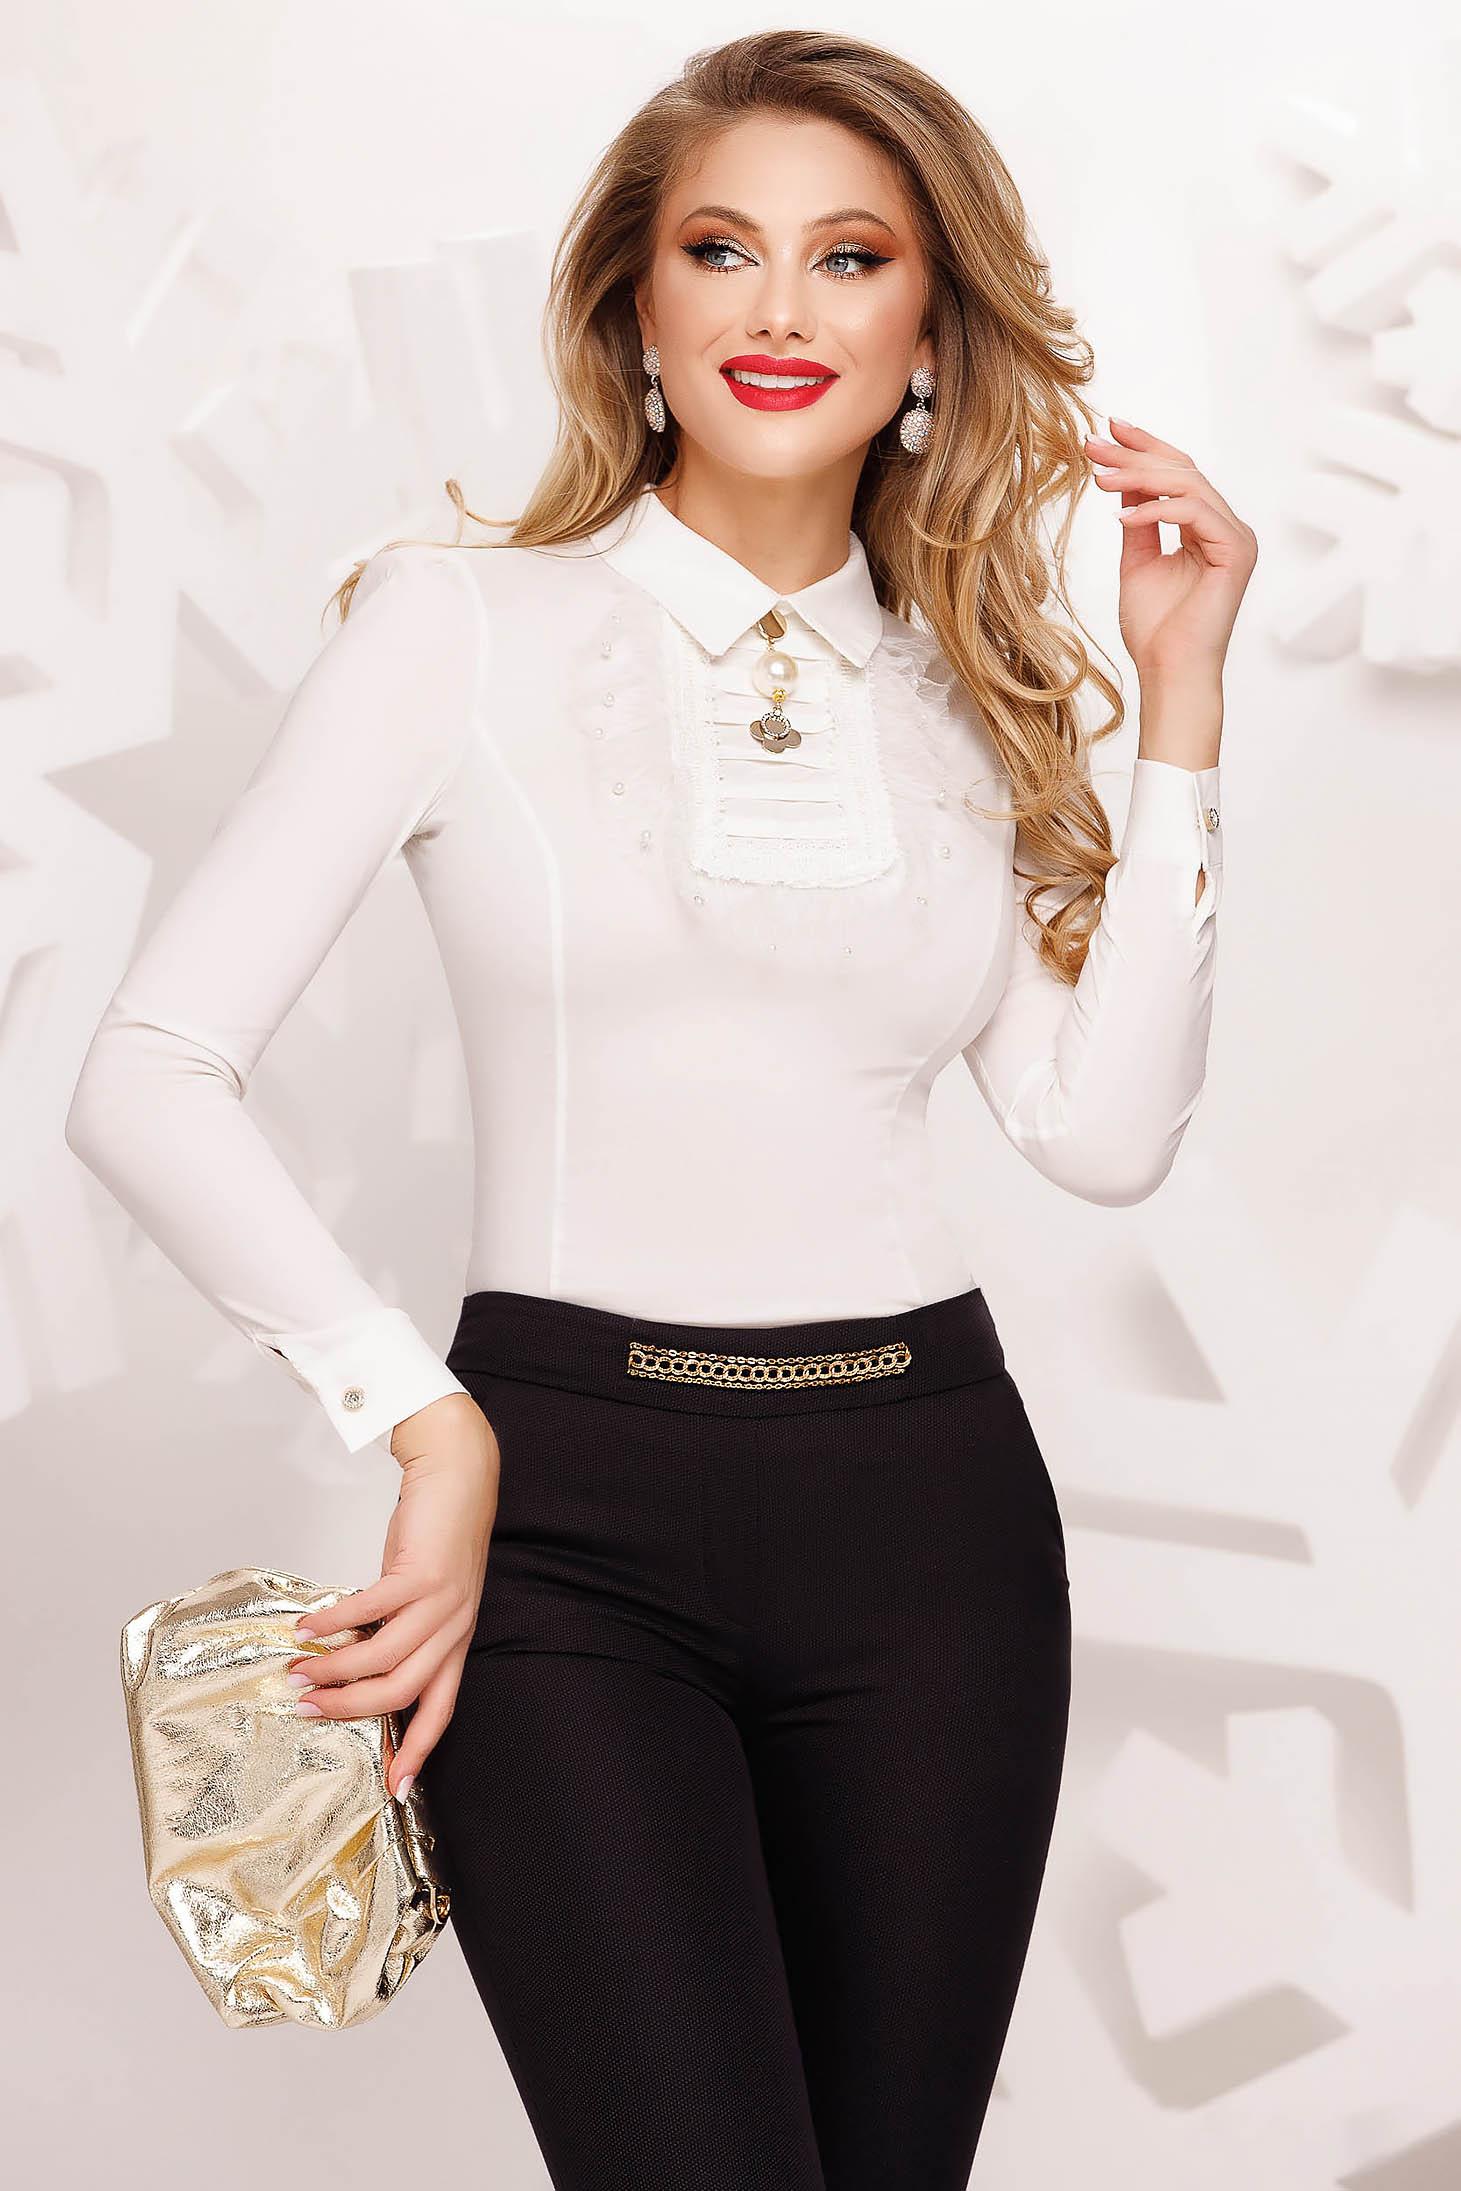 Fehér elegáns szűk szabású női ing vékony szövetből fémes kiegészítővel